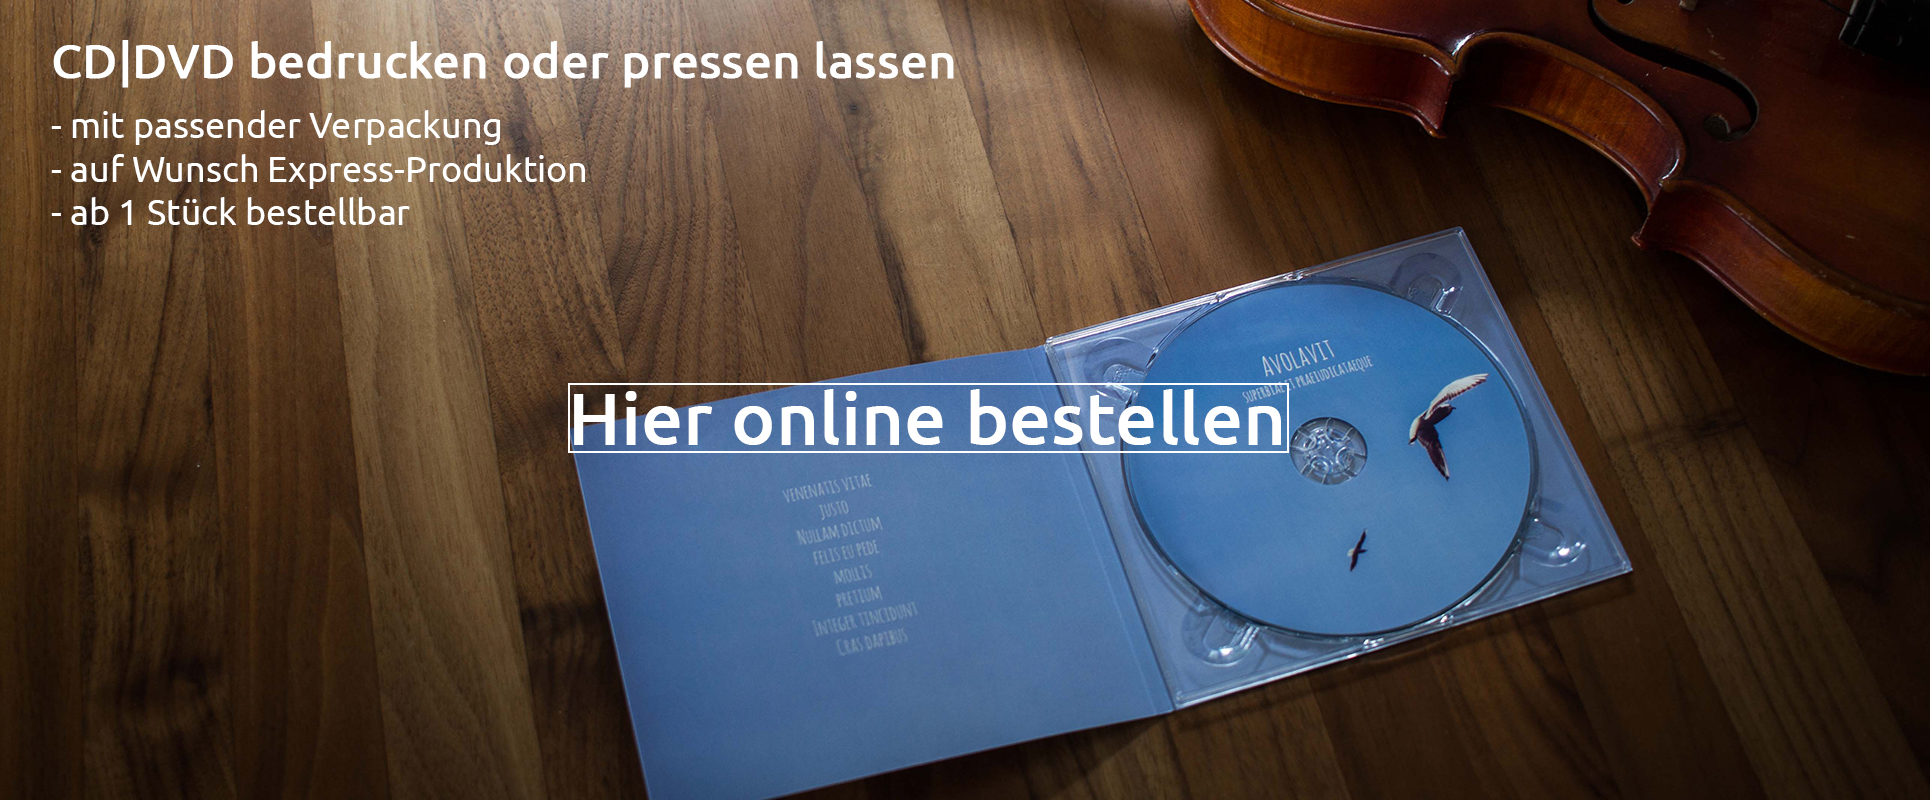 CDs und DVDs bedrucken lassen